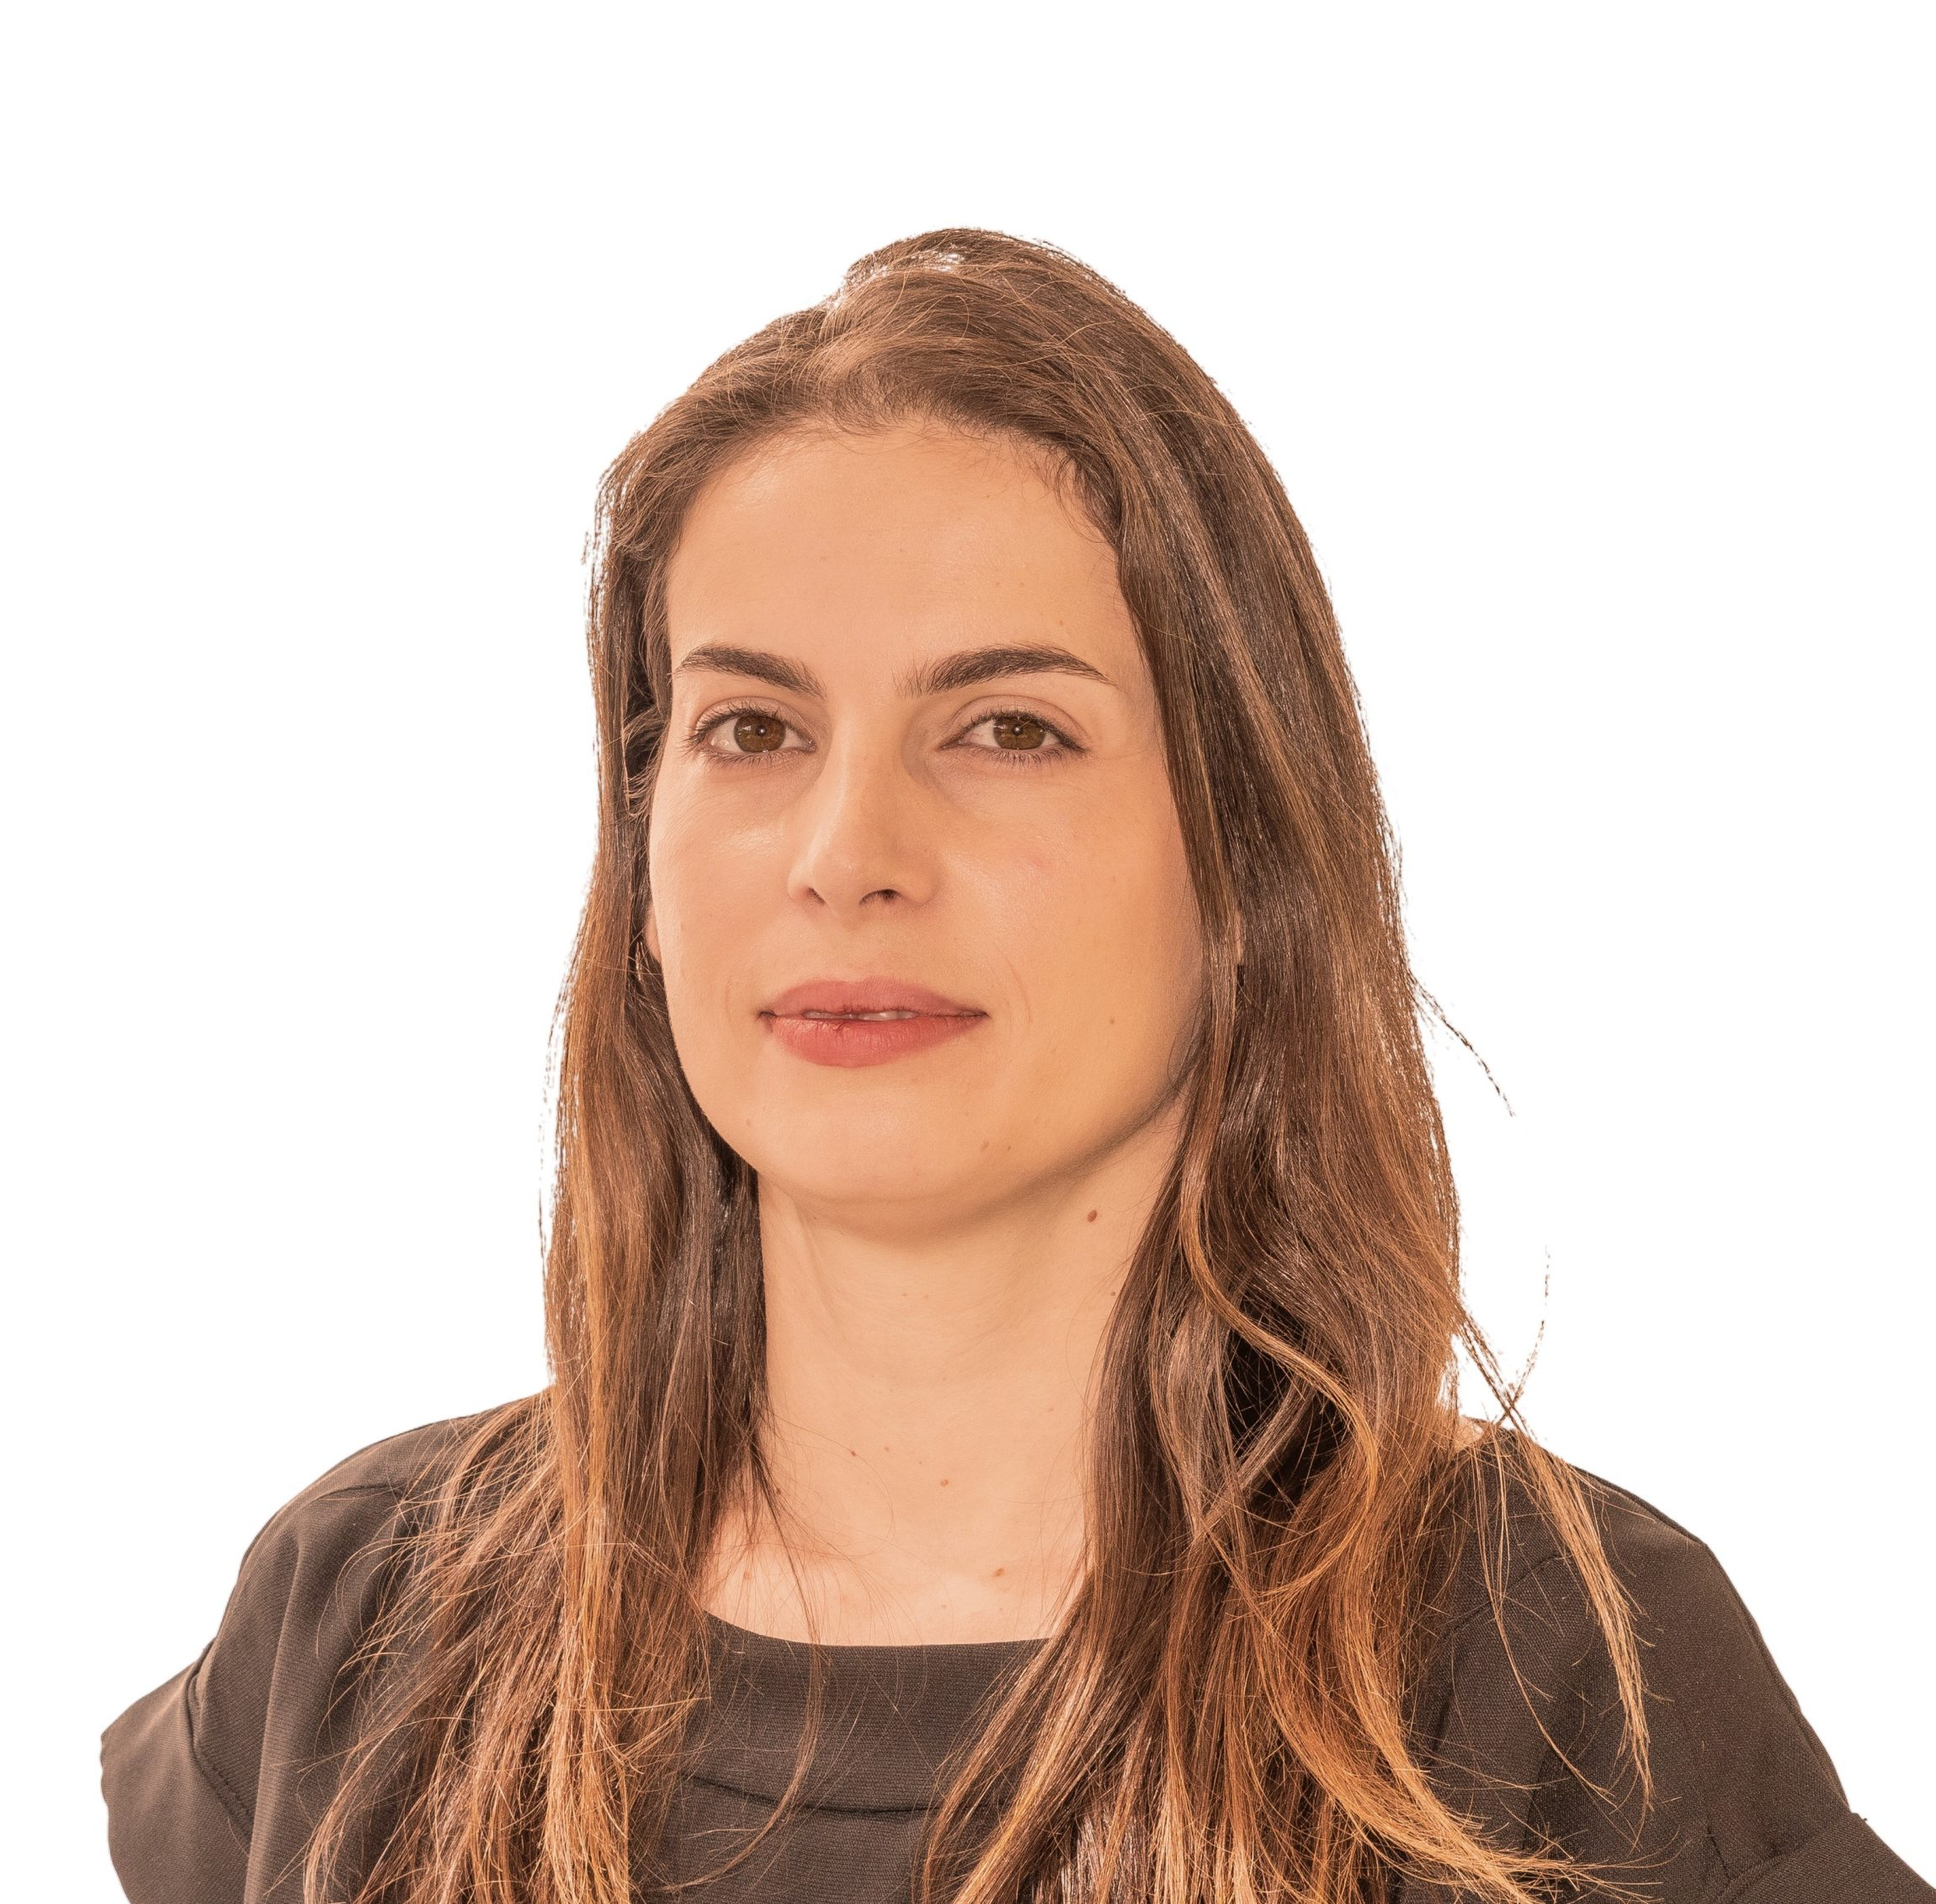 Yana Bremer